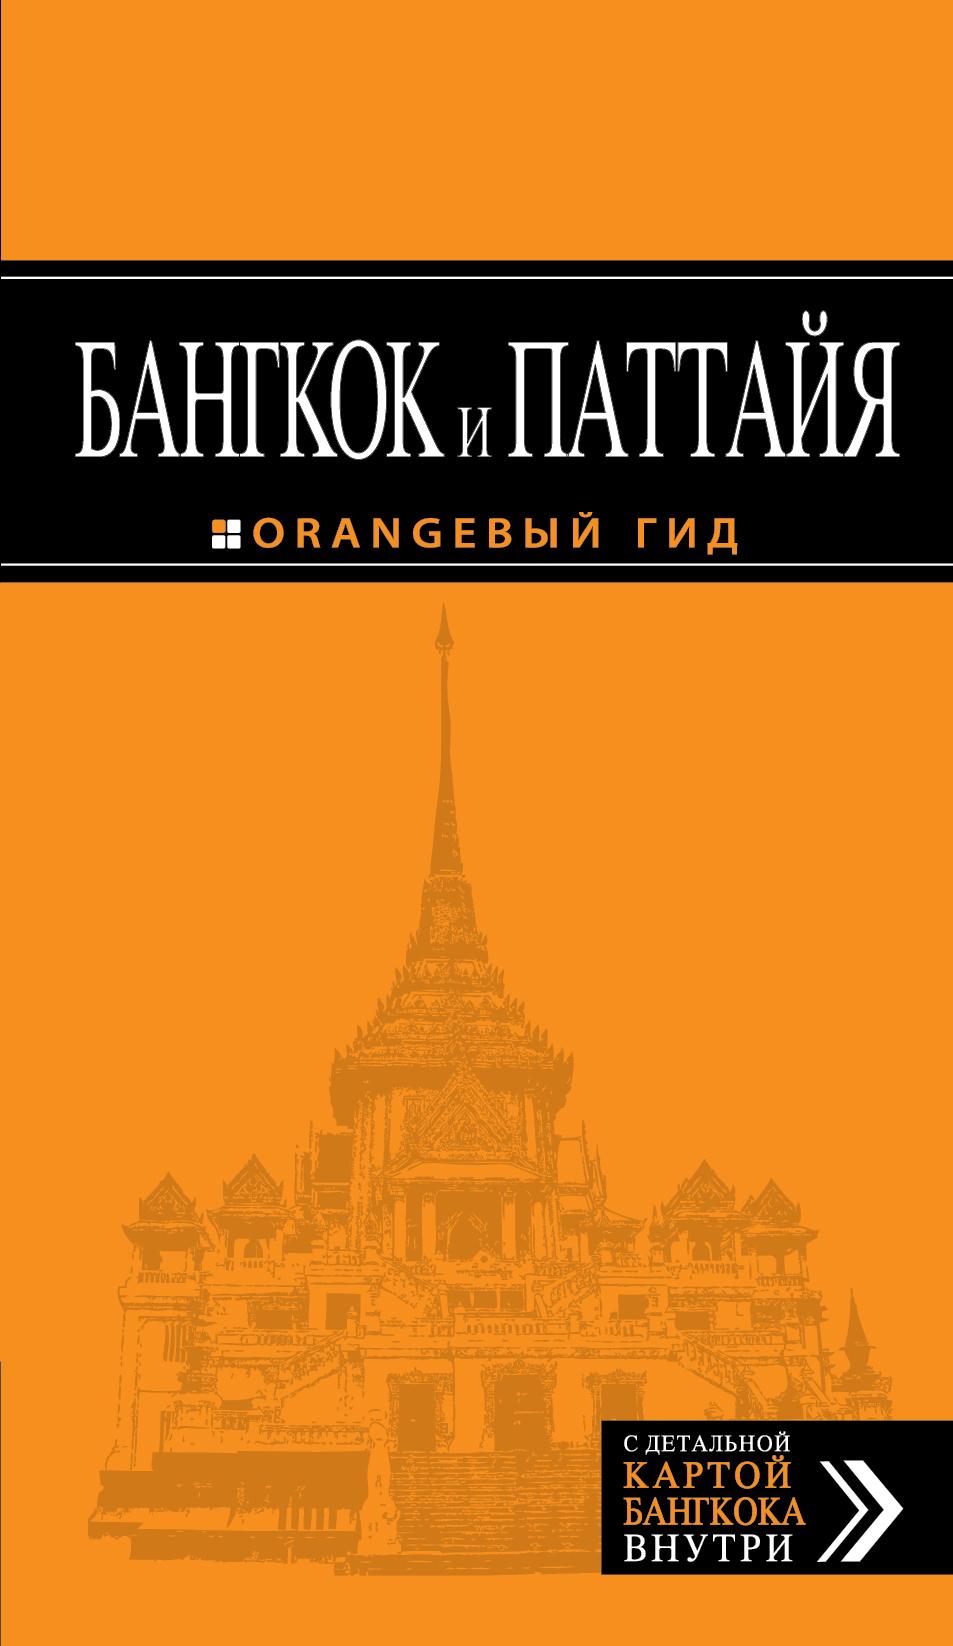 Шигапов А., Бангкок и Паттайя: путеводитель. 2-е изд., испр. и доп.